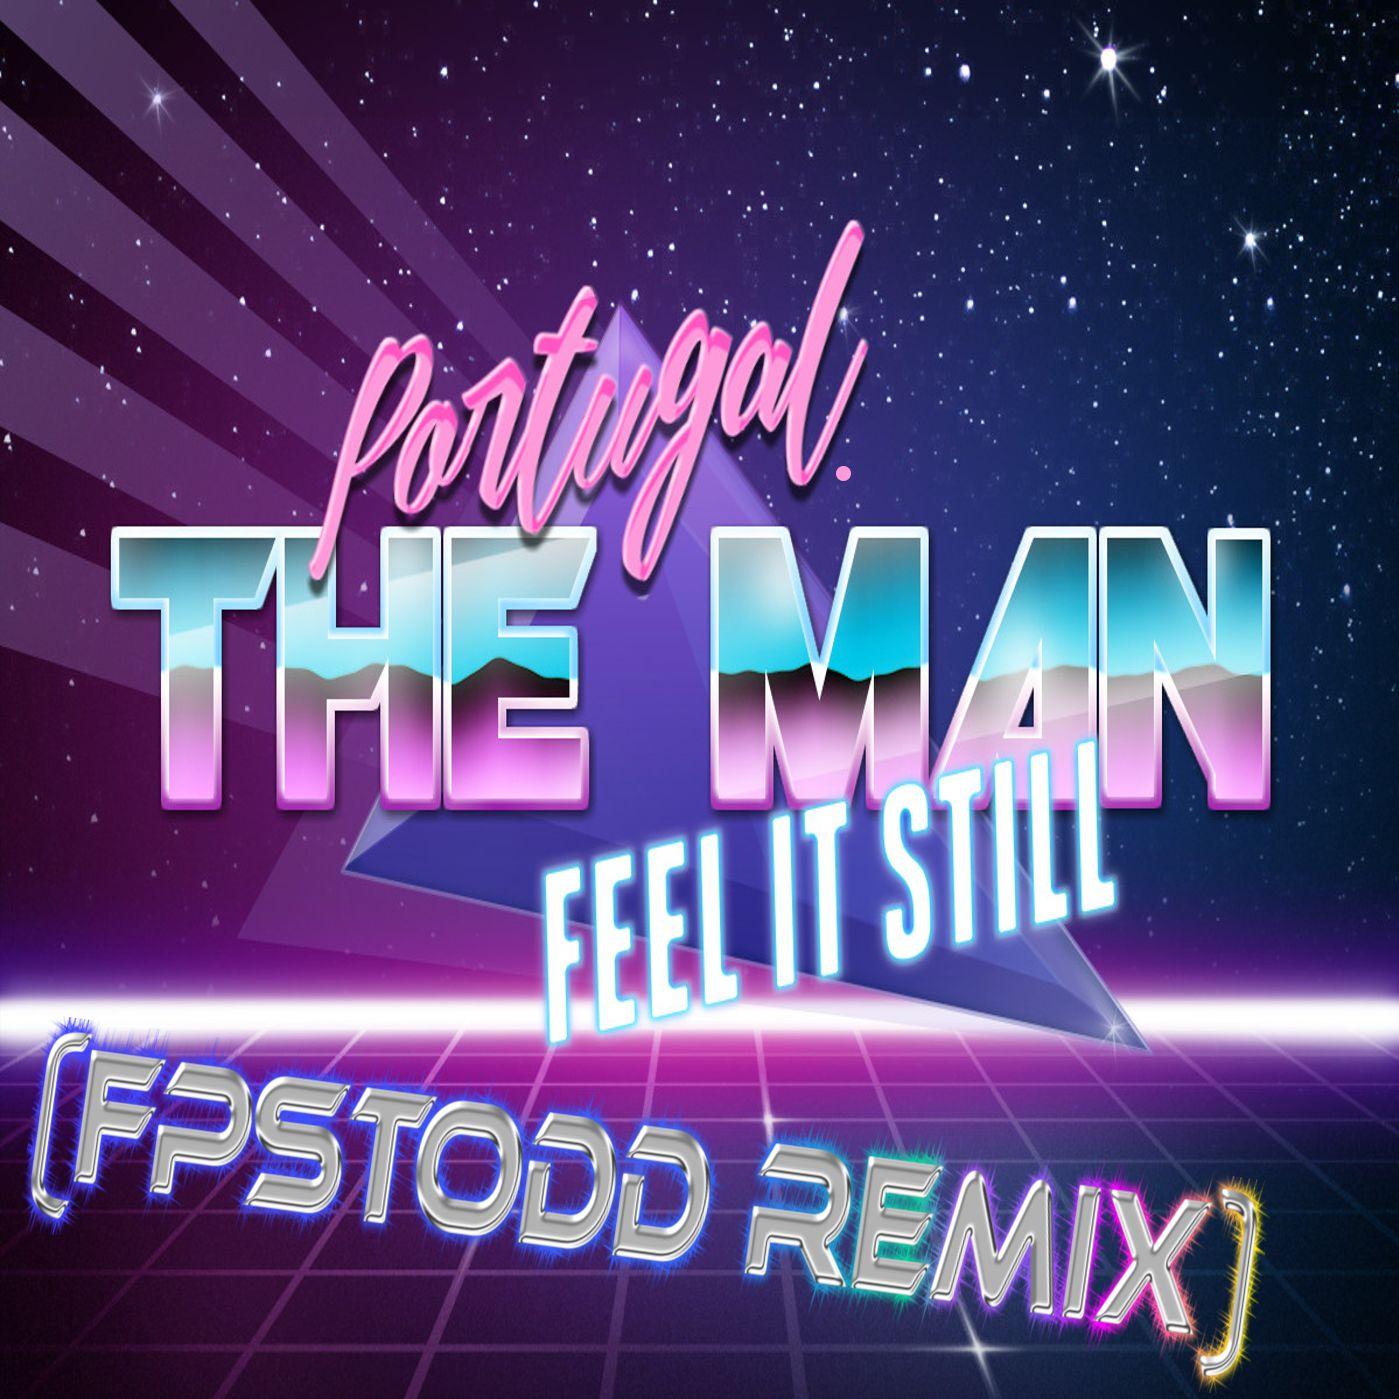 Portugal. The Man - Feel It Still (FPSTodd Remix)